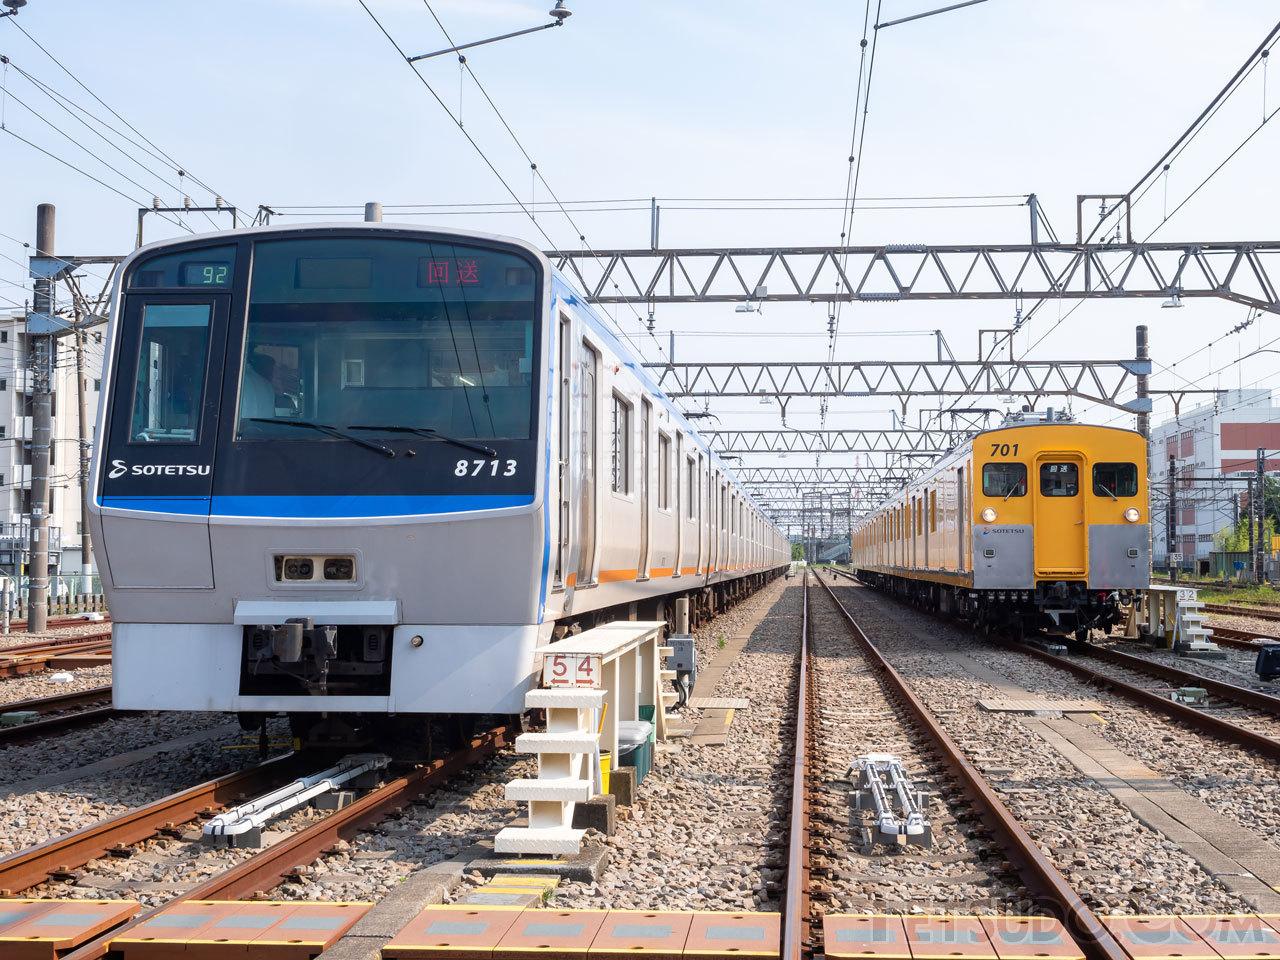 厚木操車場に2本の電車を用意して行われたインバウンドツアー運転体験会。線路閉鎖をしたうえで実施されました